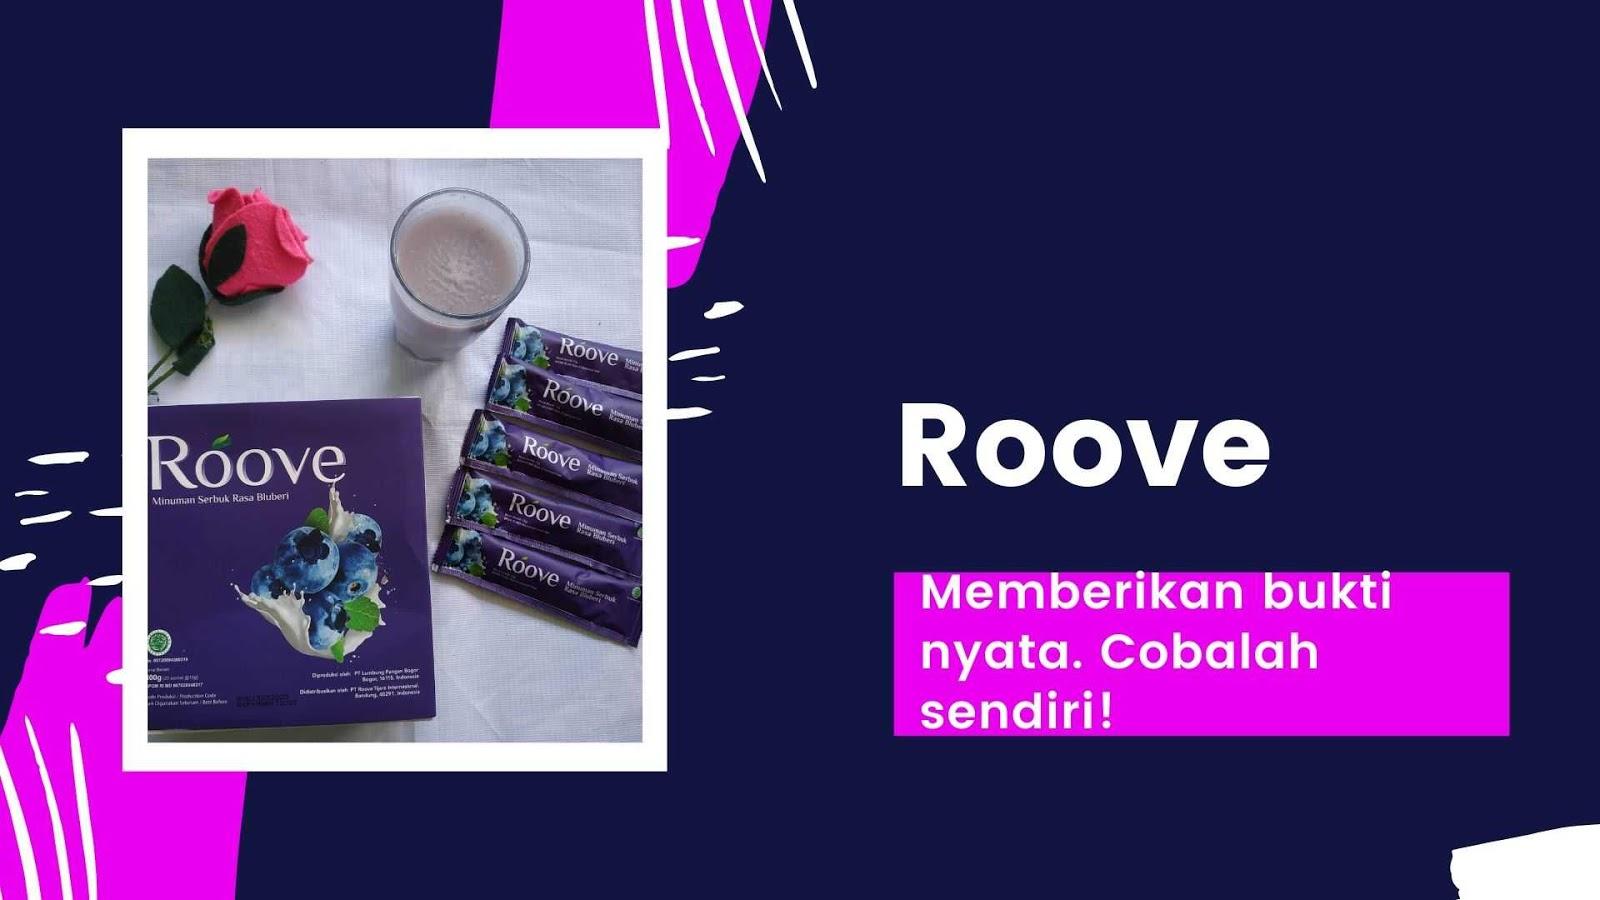 roove beauty drink memberikan bukti nyata